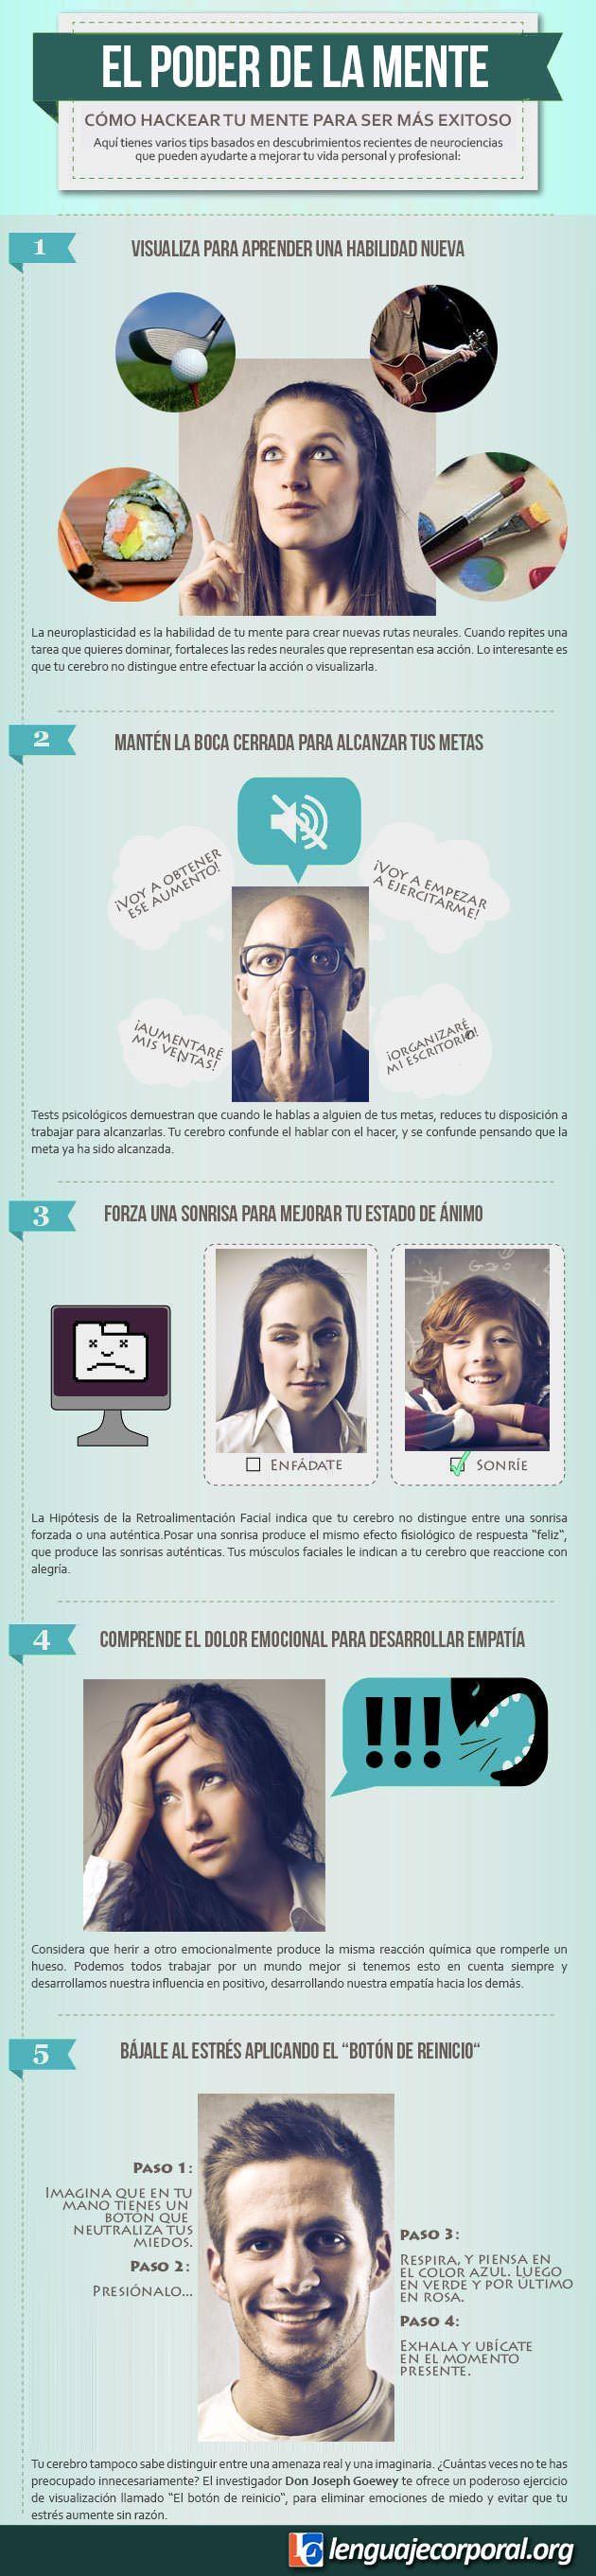 infografia-poder-mente-neurociencias #Nutrición y #Salud YG > nutricionysaludyg.com